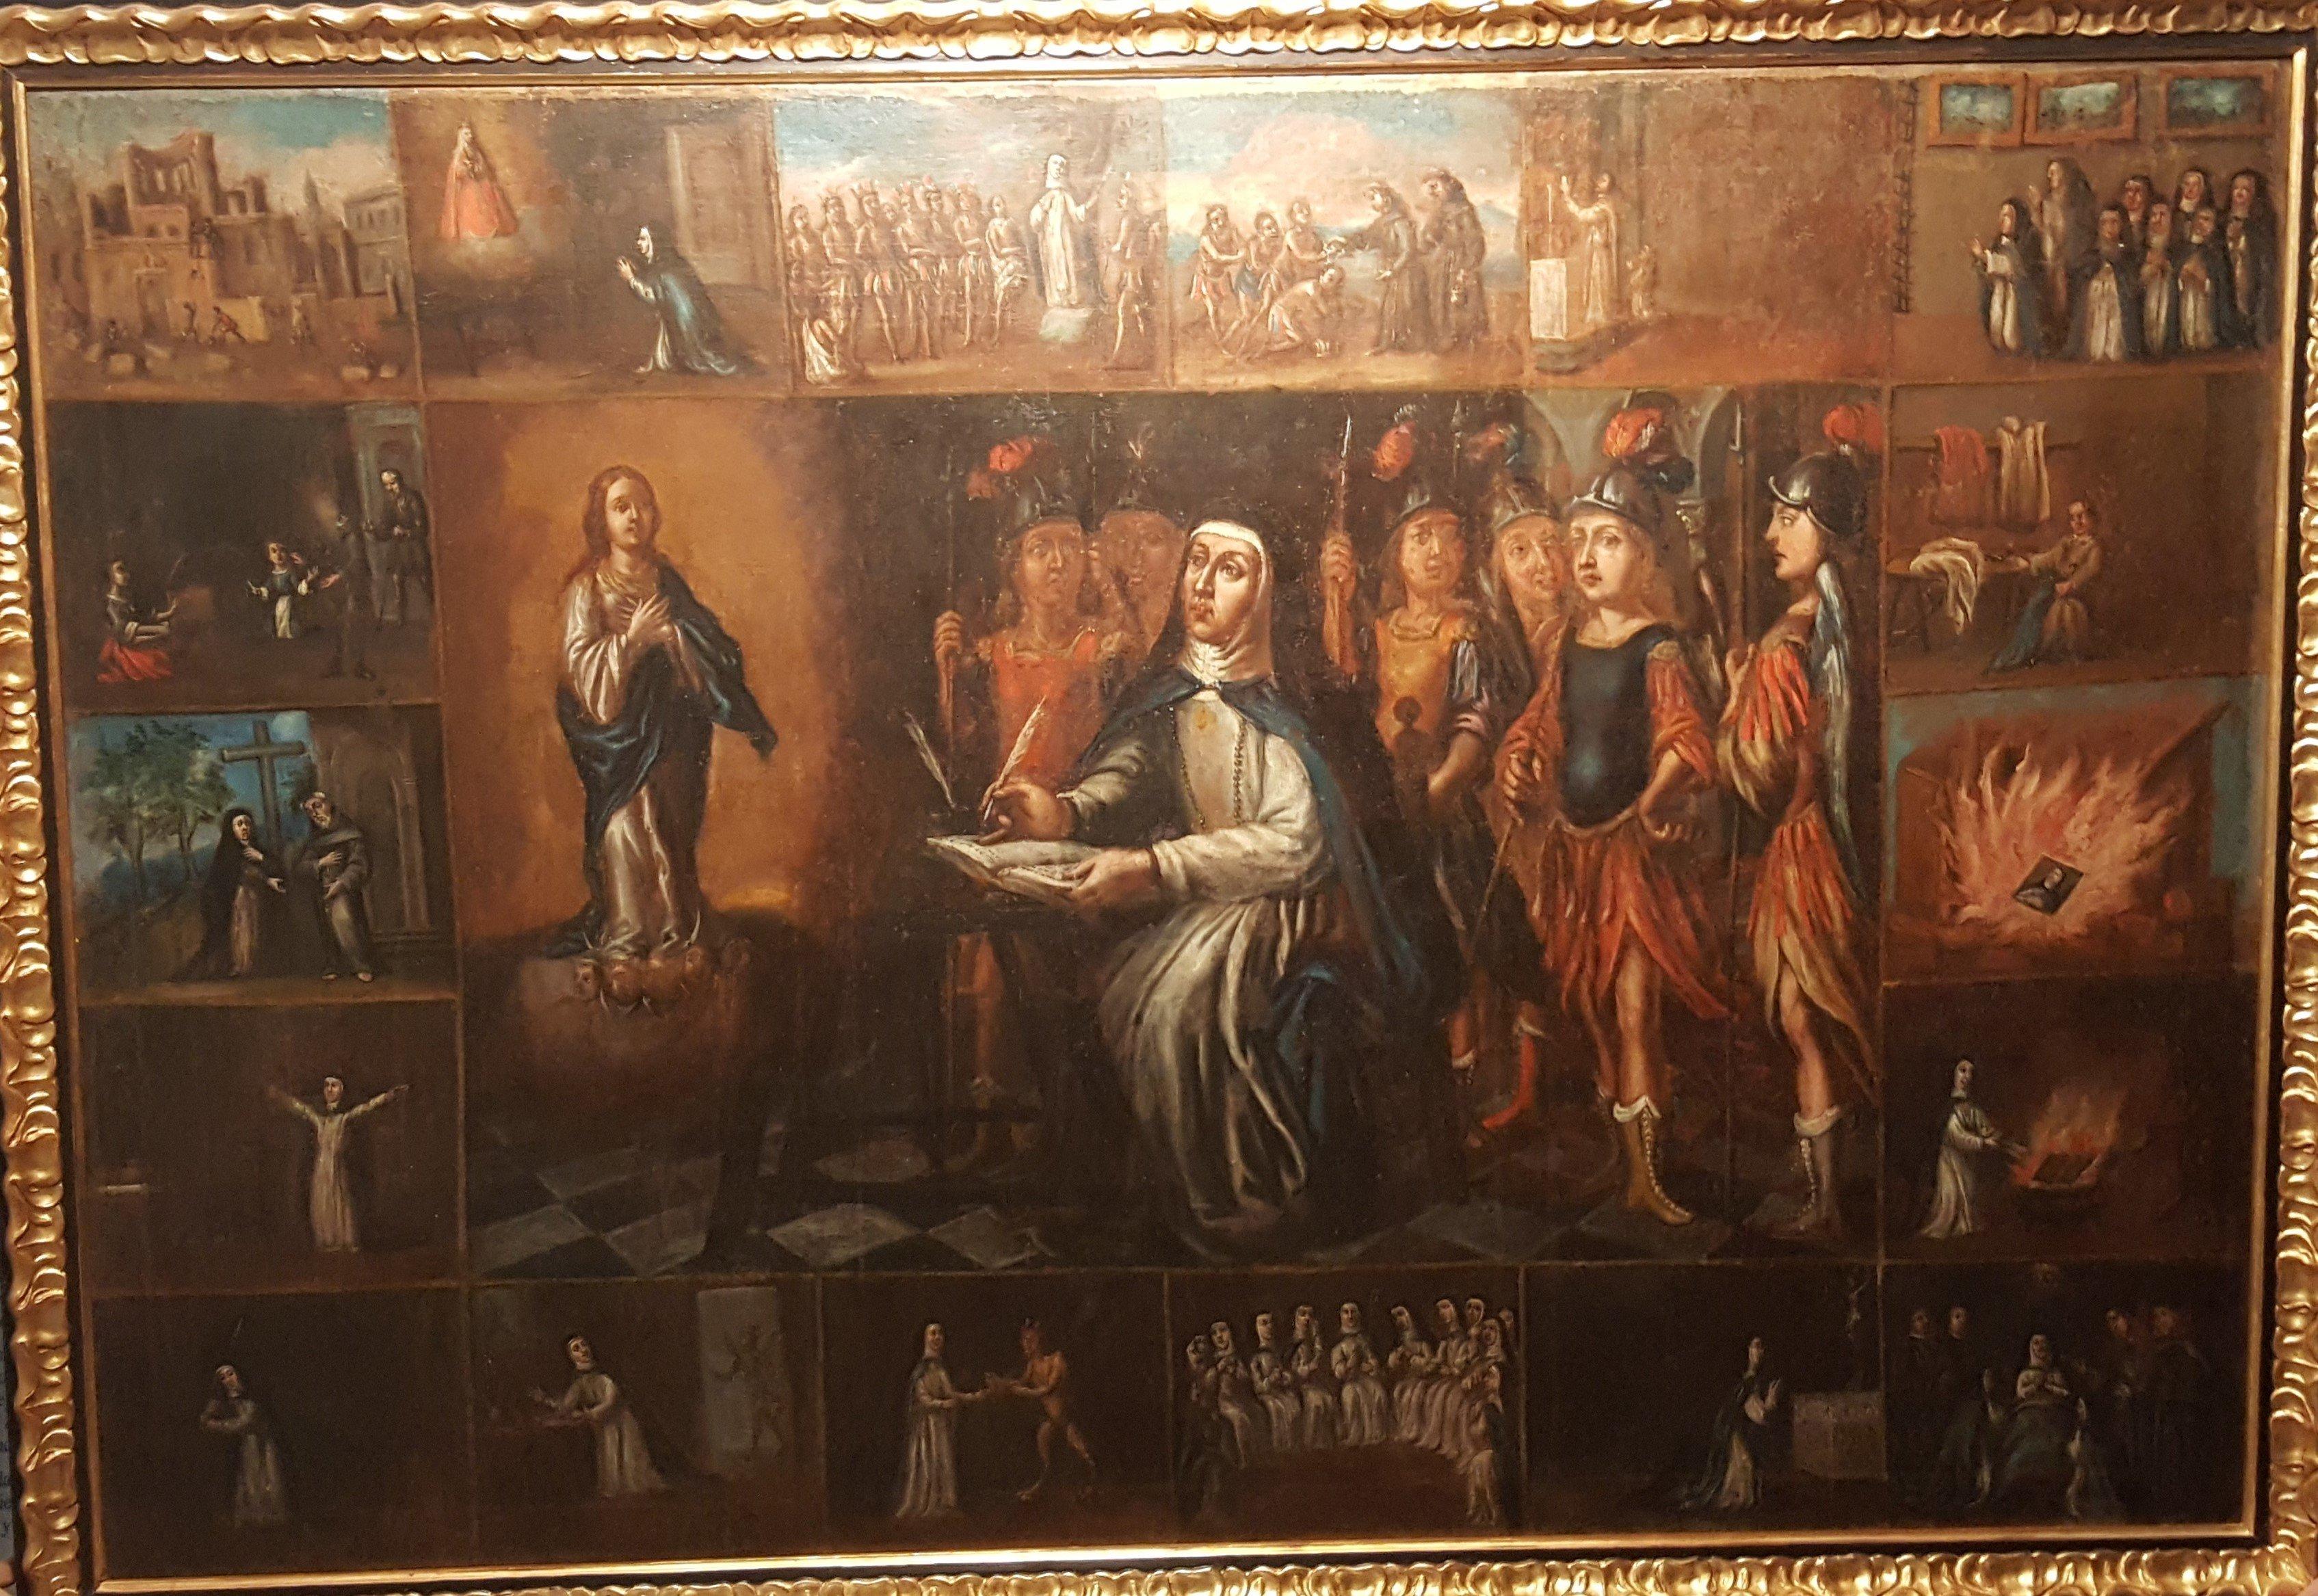 Cuadro de los distintos aspectos de la vida de Sor María de Jesús de Ágreda, que se conserva en el monasterio soriano